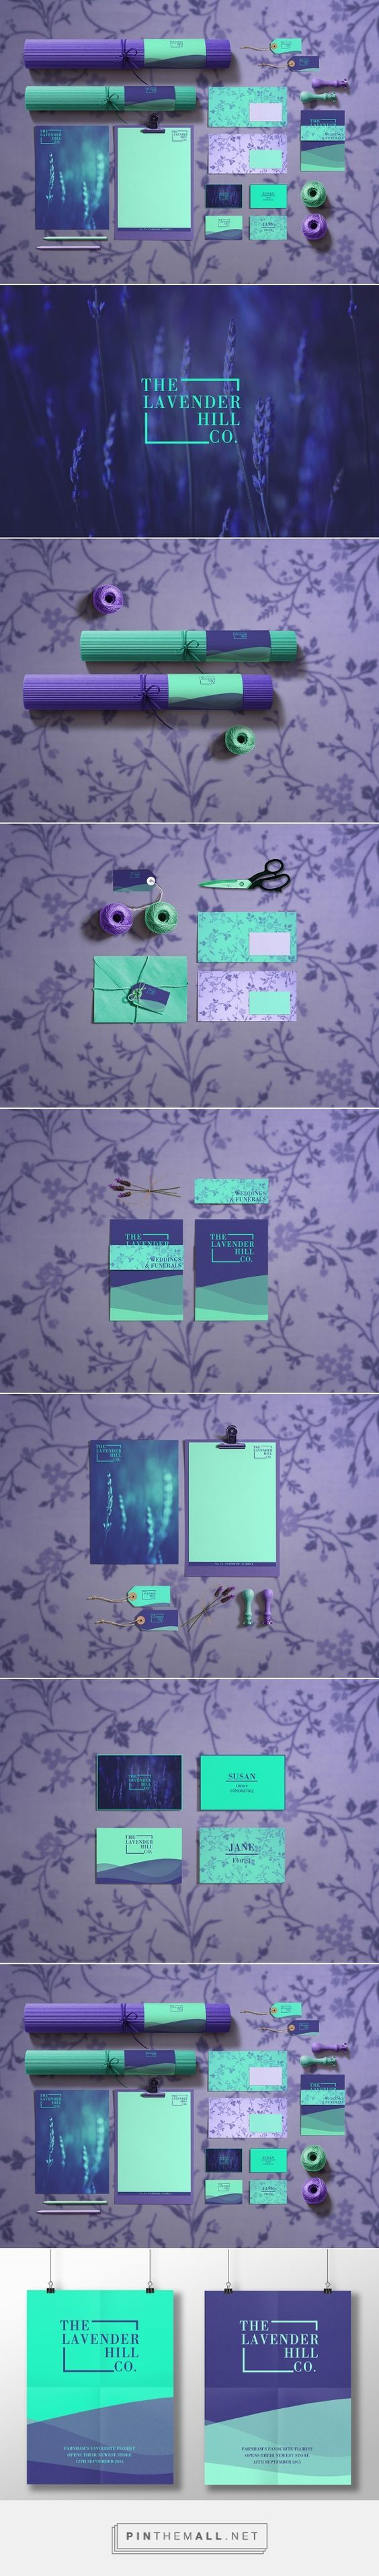 The Lavender Hill Co. Branding on Behance | Fivestar Branding – Design and Branding Agency & Inspiration Gallery